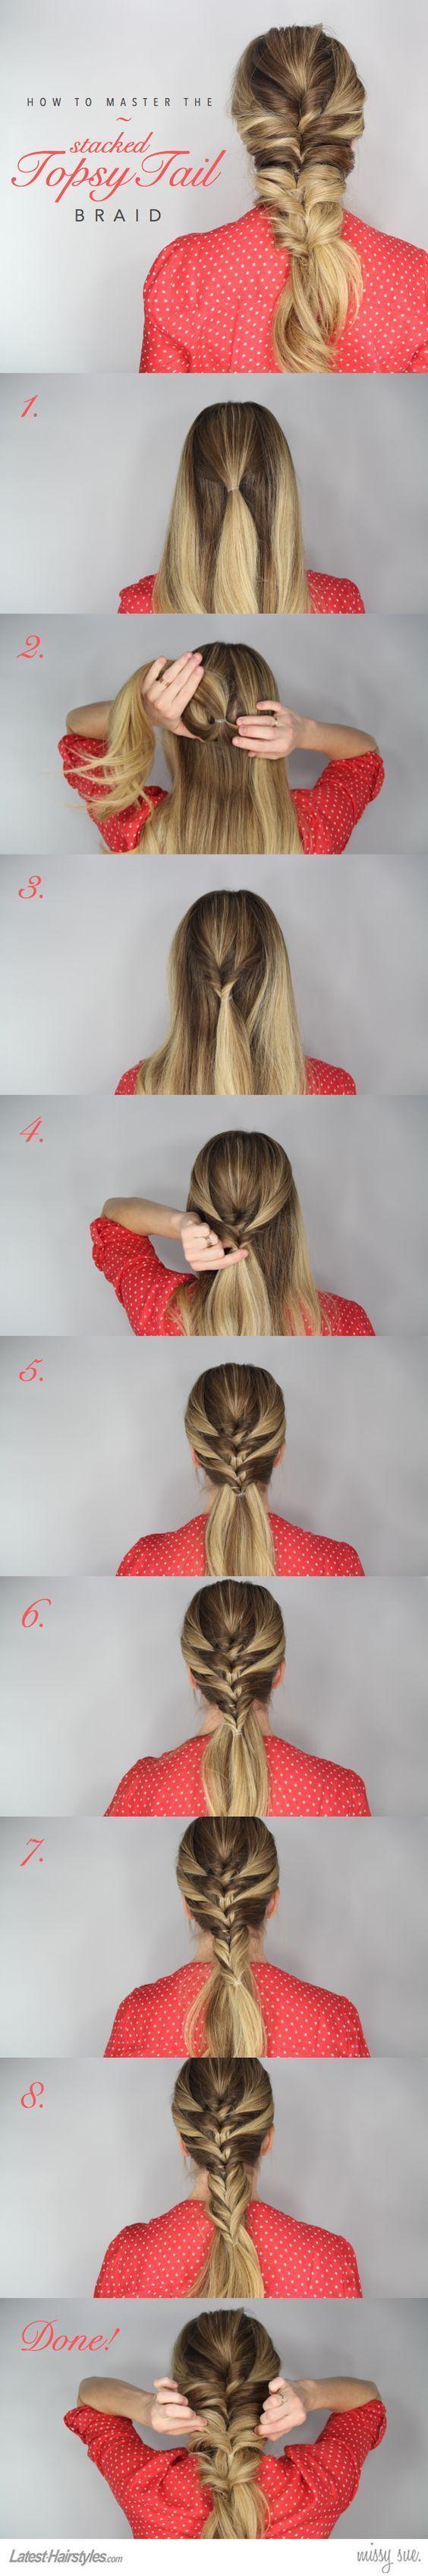 20 einfache und einfache Frisur Tutorials für Ihren täglichen Blick! – Seite 3 von 3 – Tren